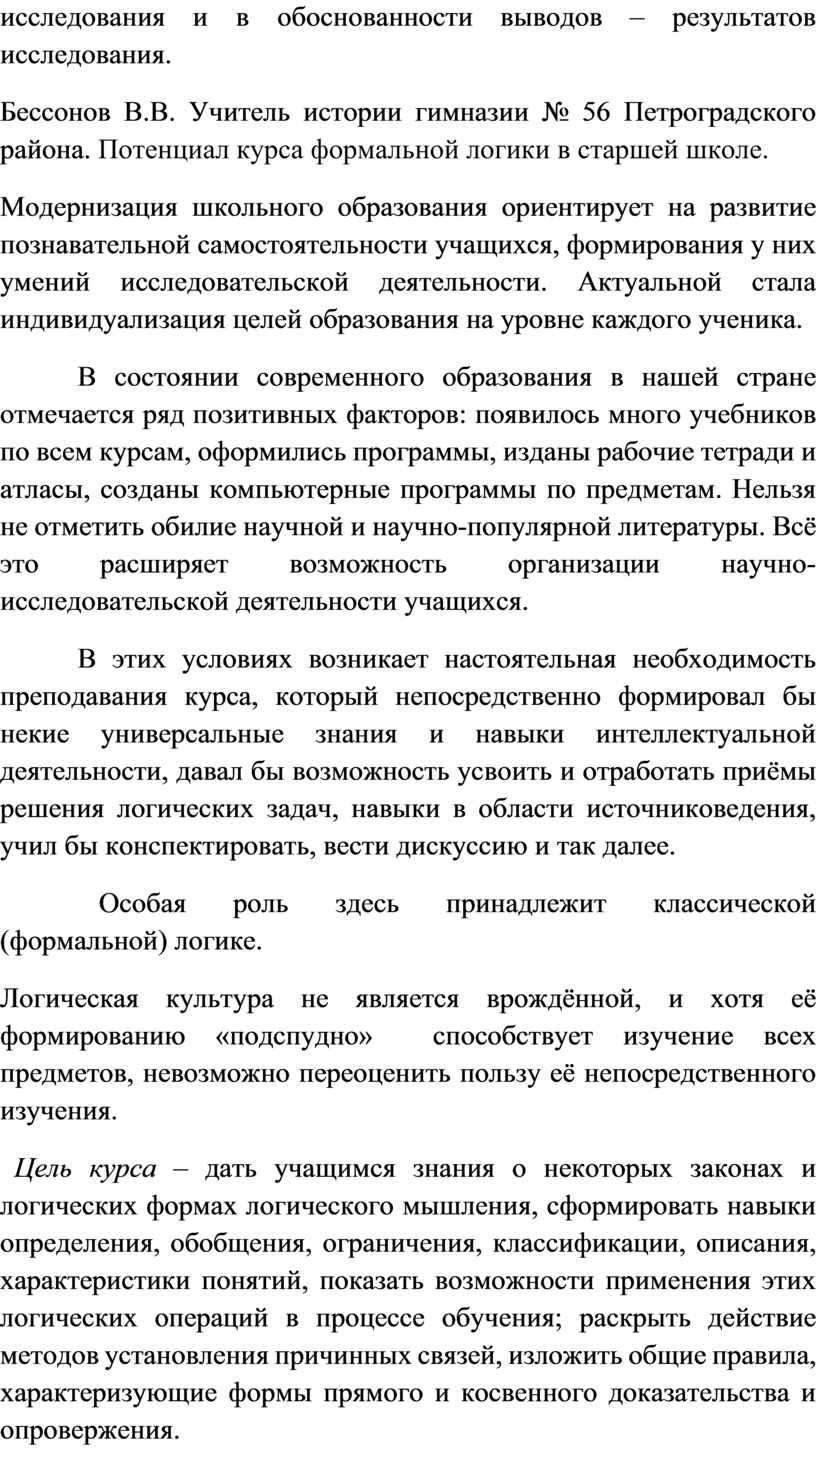 Бессонов В.В. Учитель истории гимназии № 56